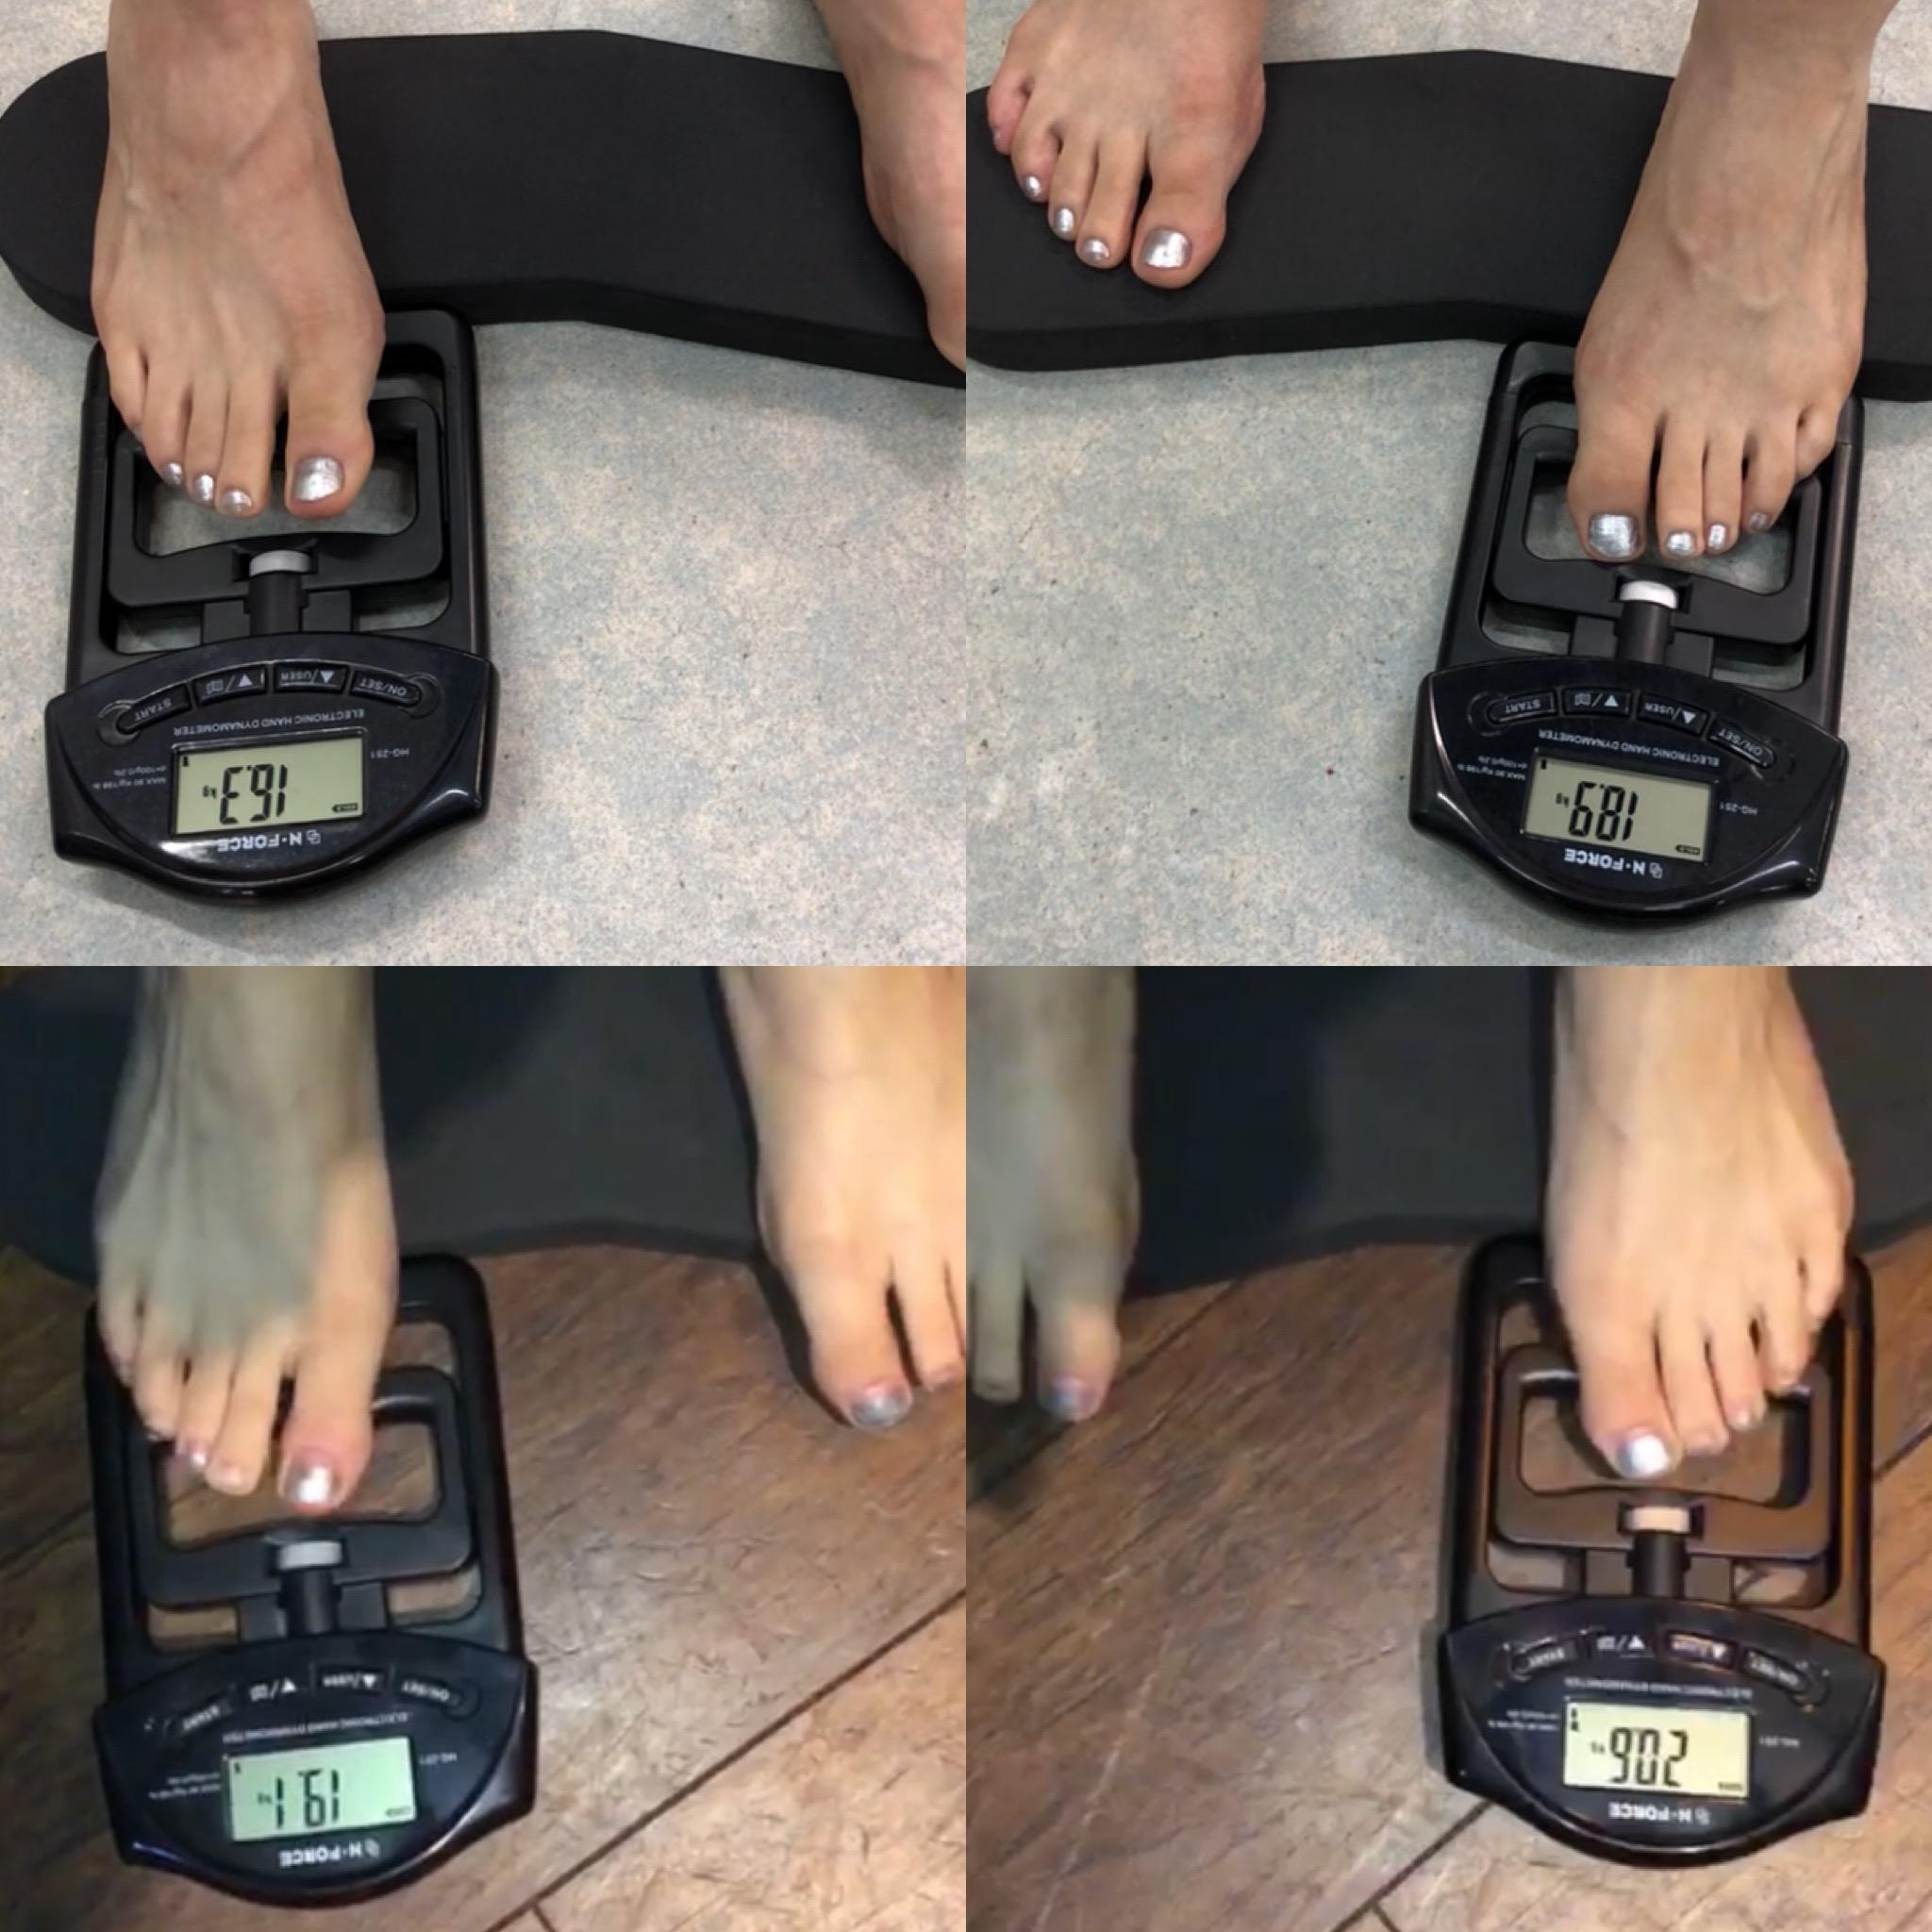 足趾把持力計測 変化